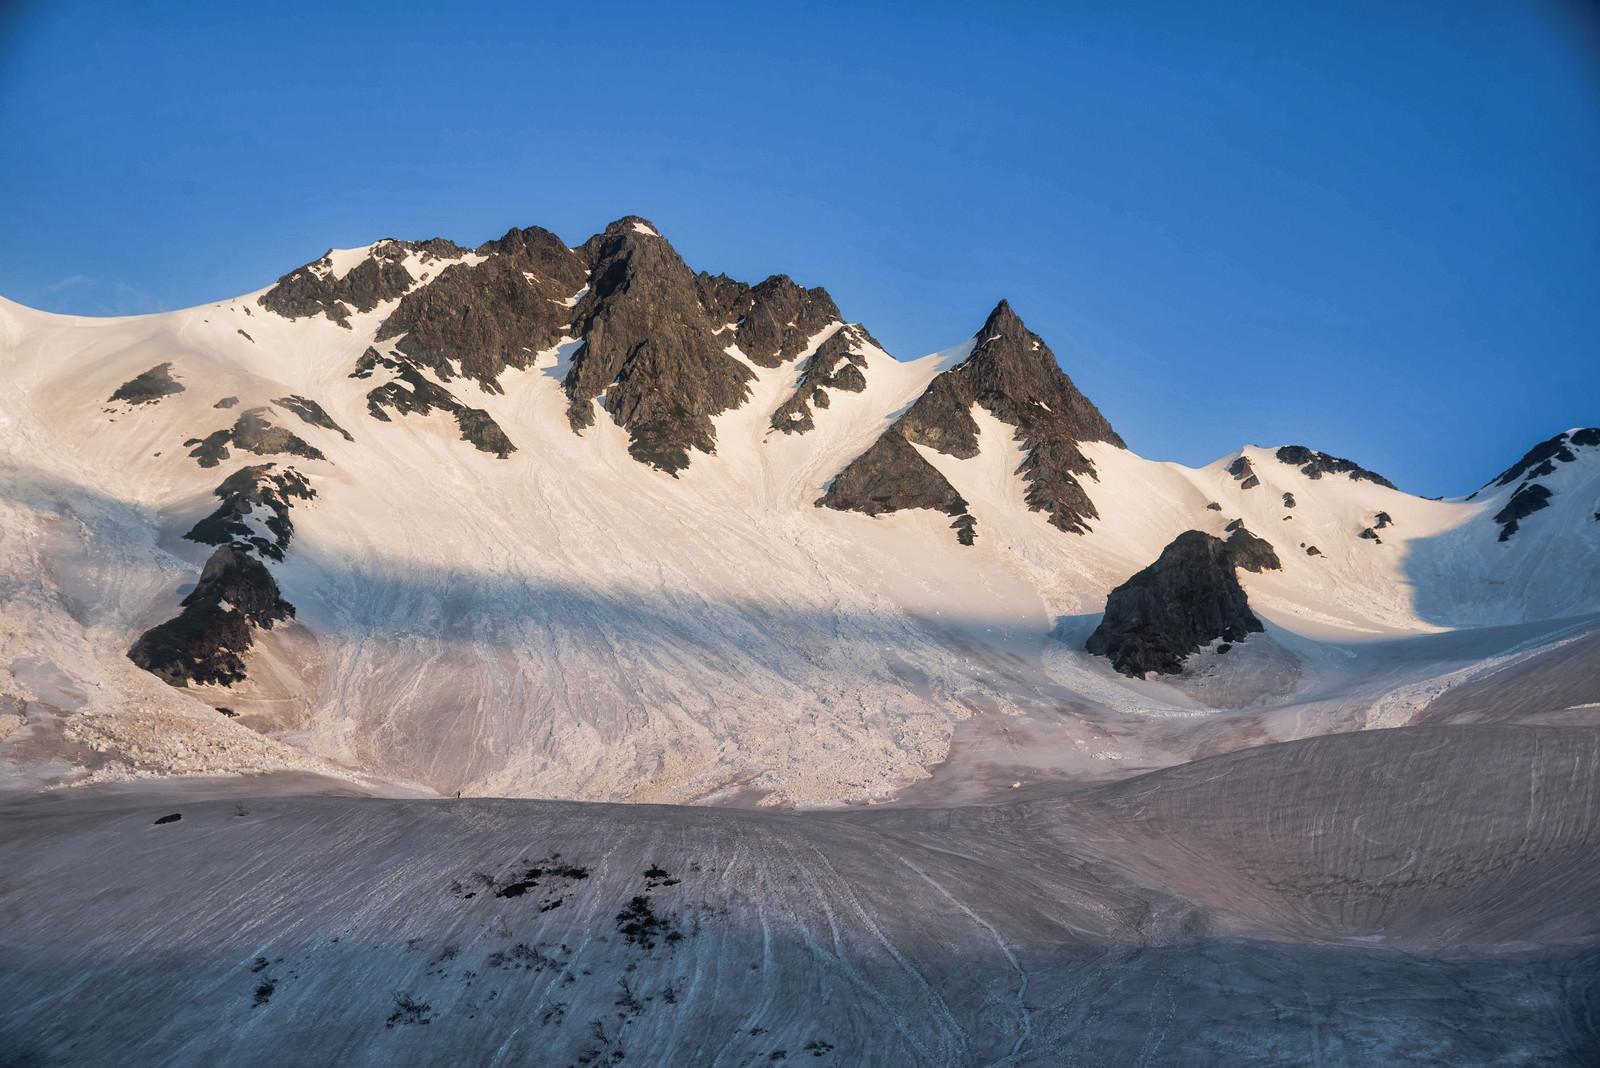 「グラデーションを描く冬の涸沢ヒュッテ」の写真